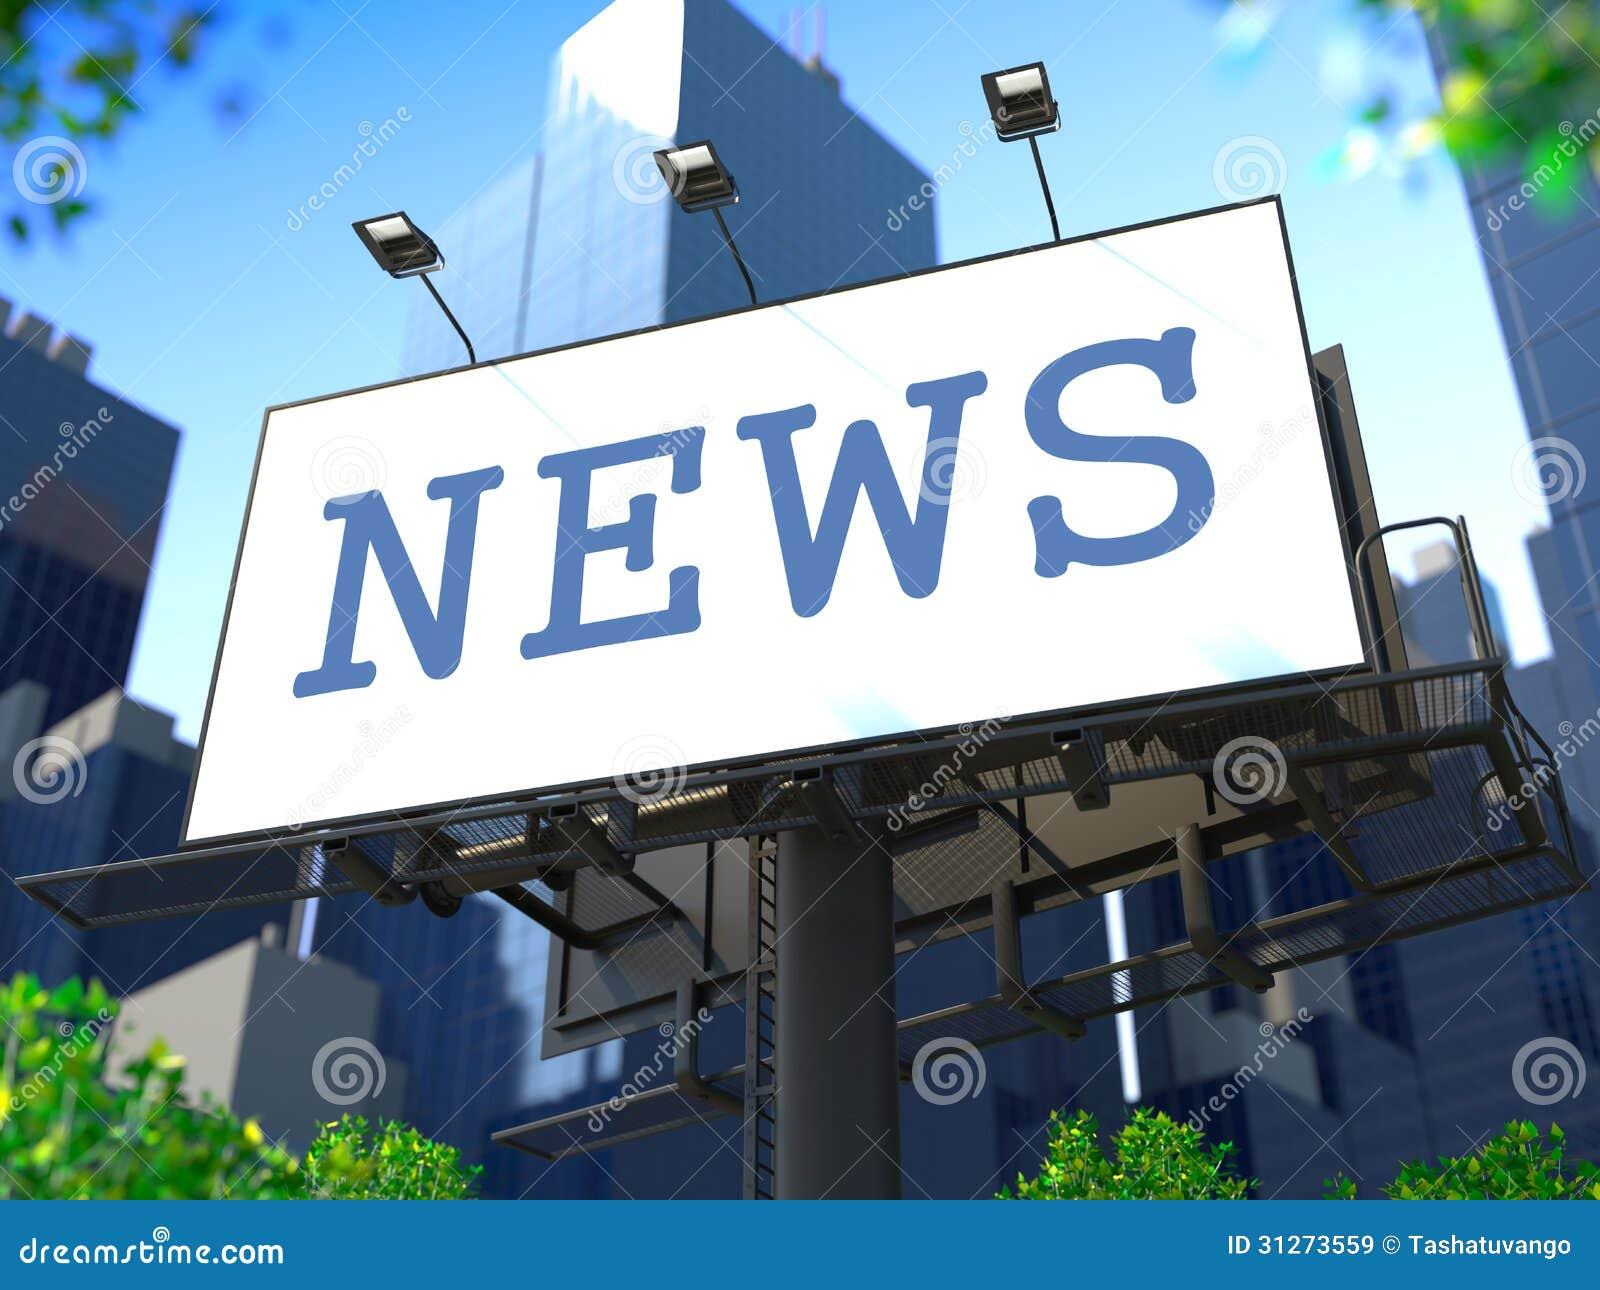 Έννοια παγκόσμιων ειδήσεων στον πίνακα διαφημίσεων.